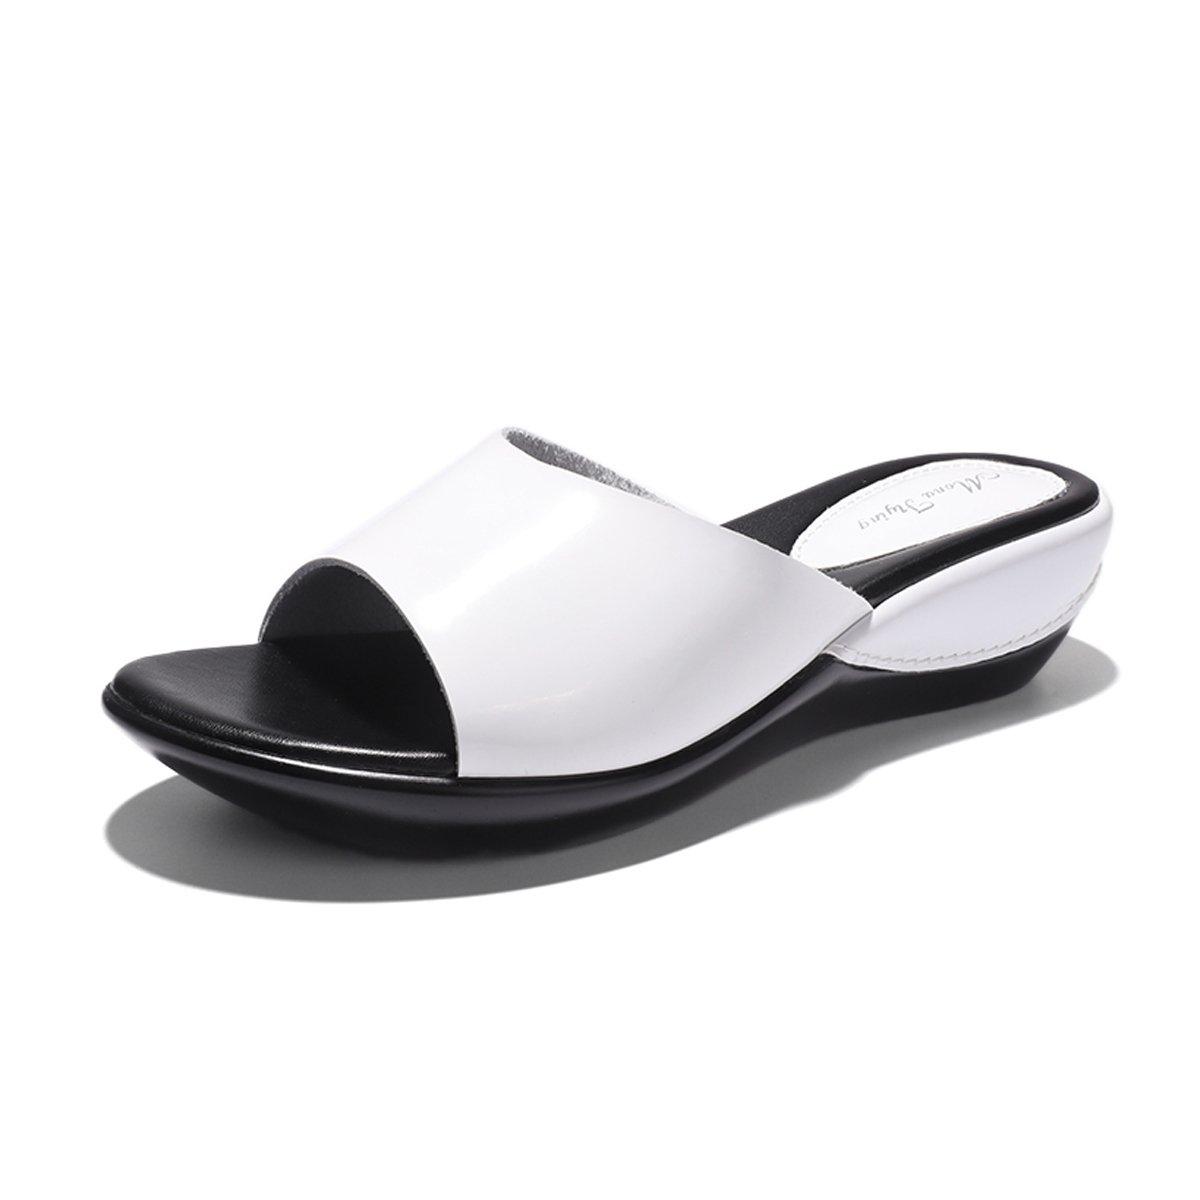 Mona Flying Women's Genuine Leather Platform Wedge Slide Sandals for Women Slip On Sandals B07DW58V2K 5 M US|White